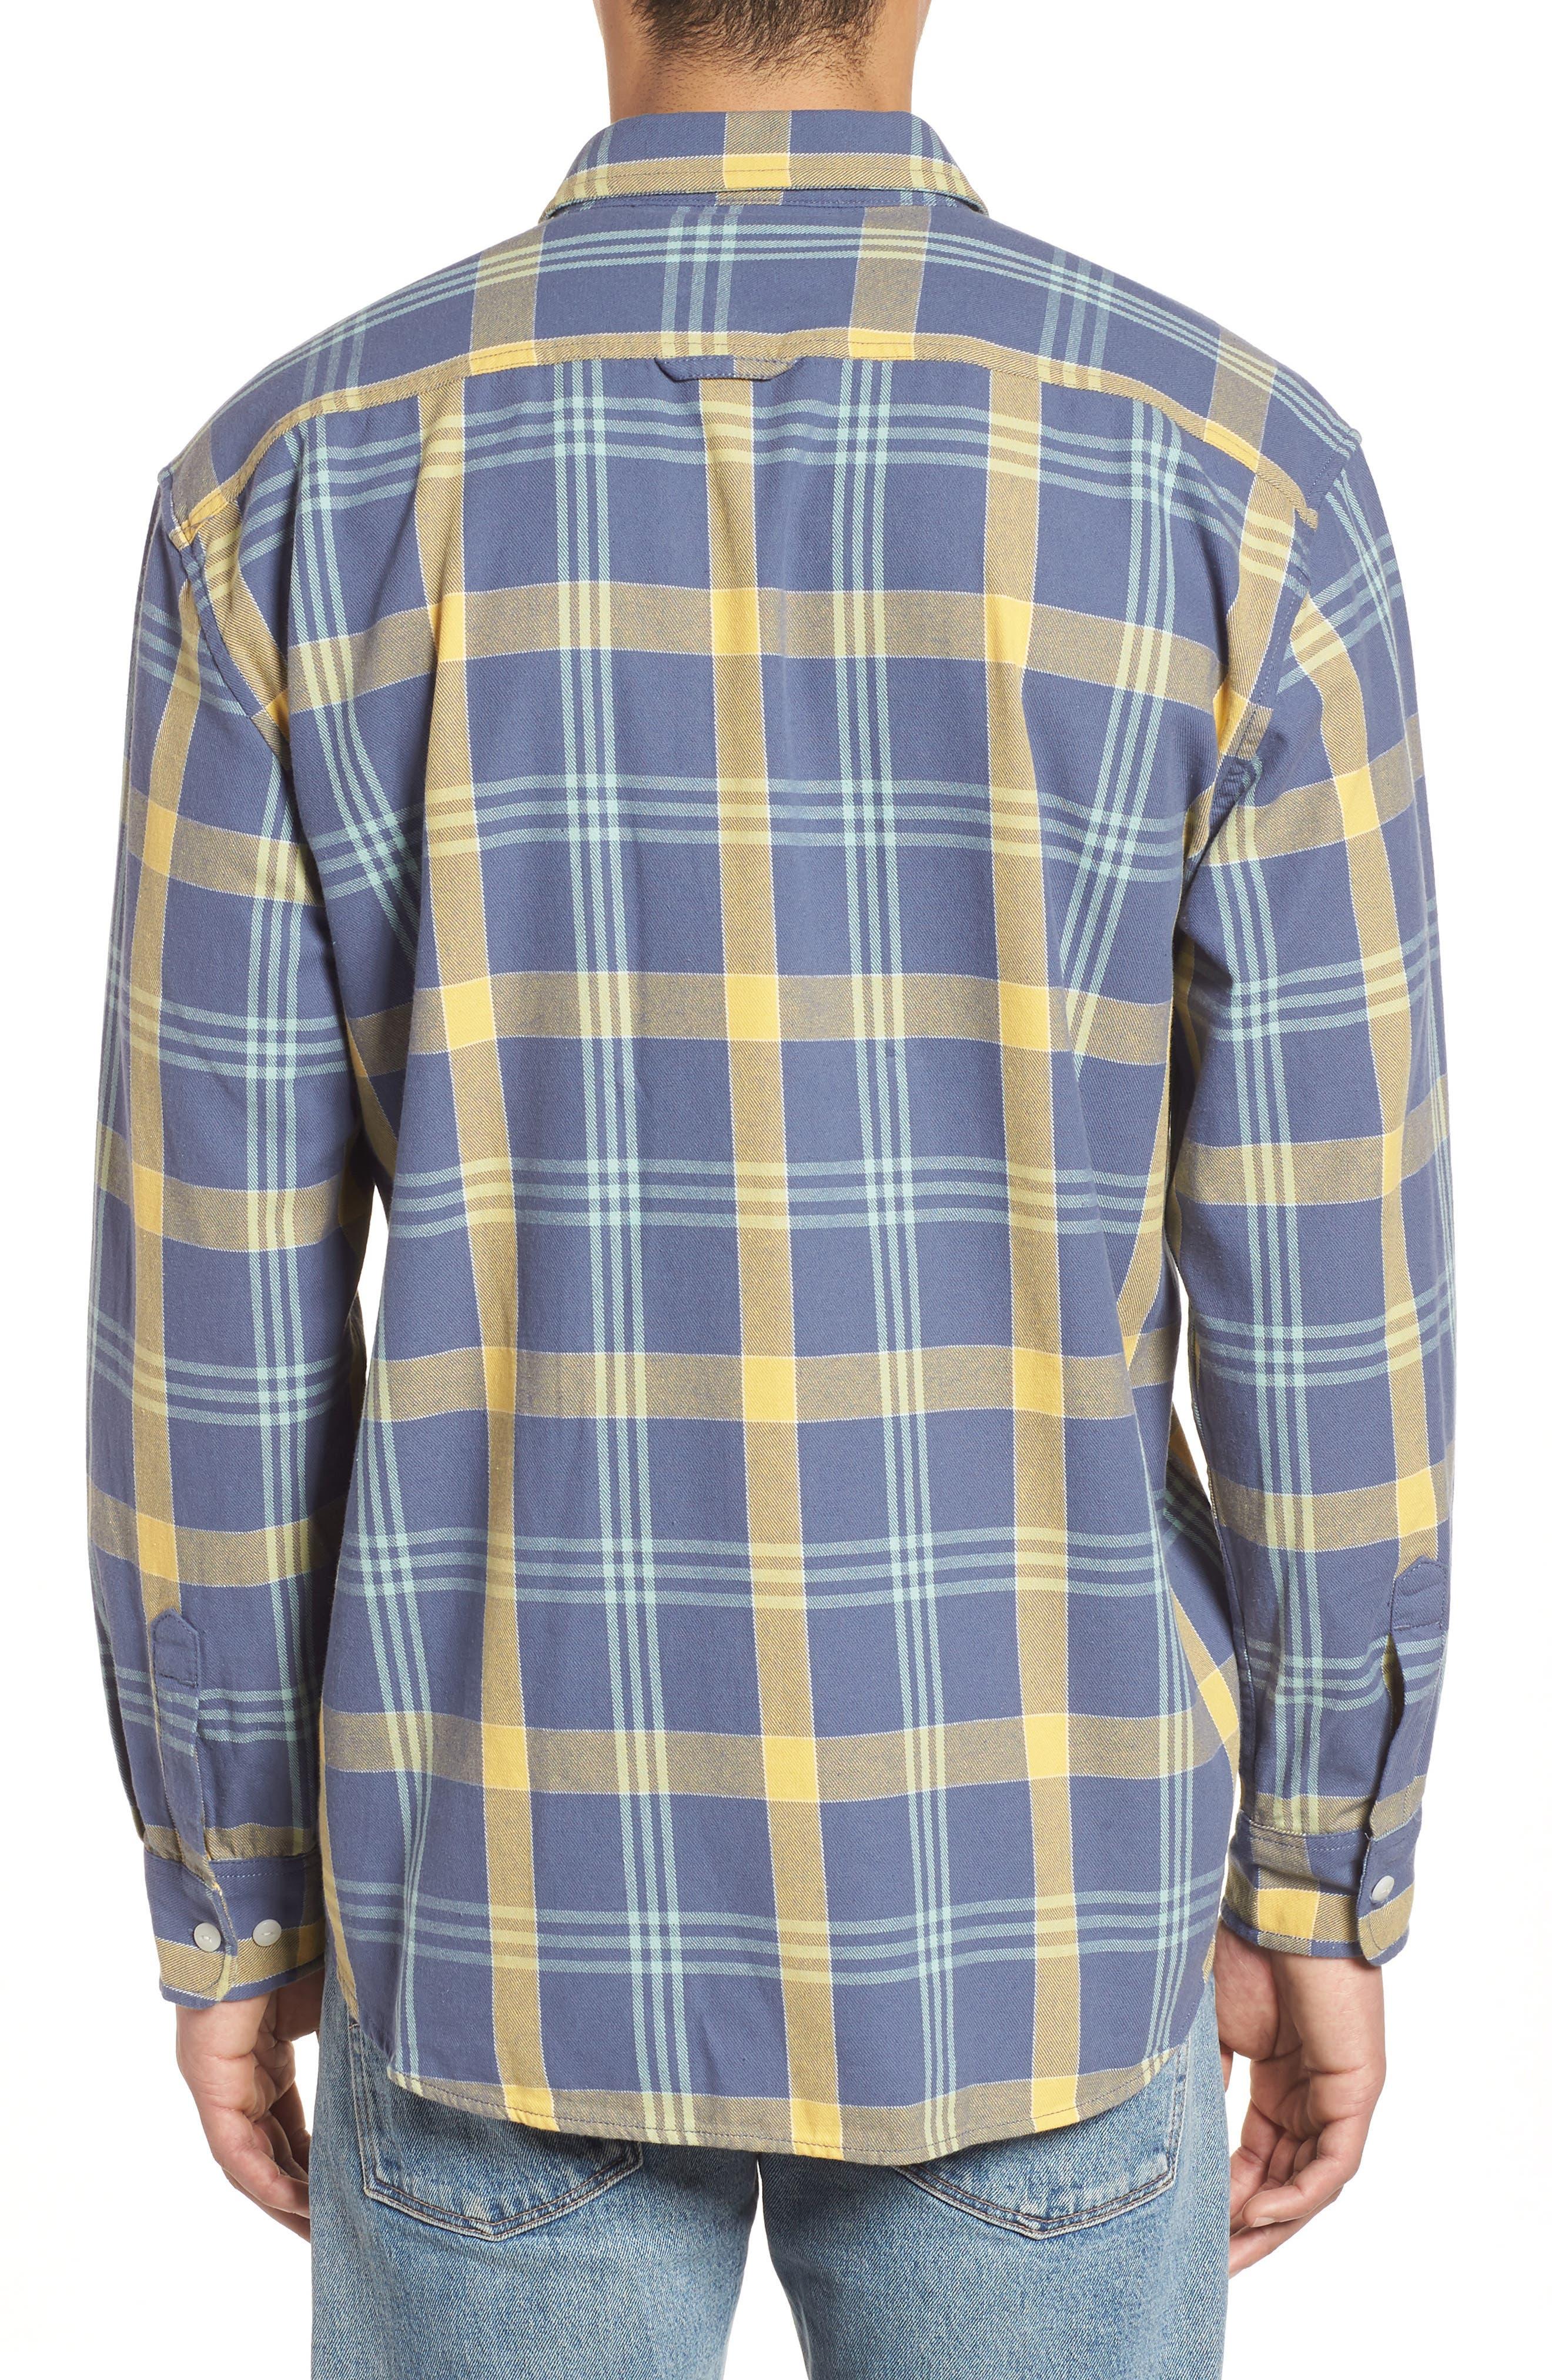 Beach Shack Twill Shirt,                             Alternate thumbnail 2, color,                             65310 Indigo/Orche Plaid